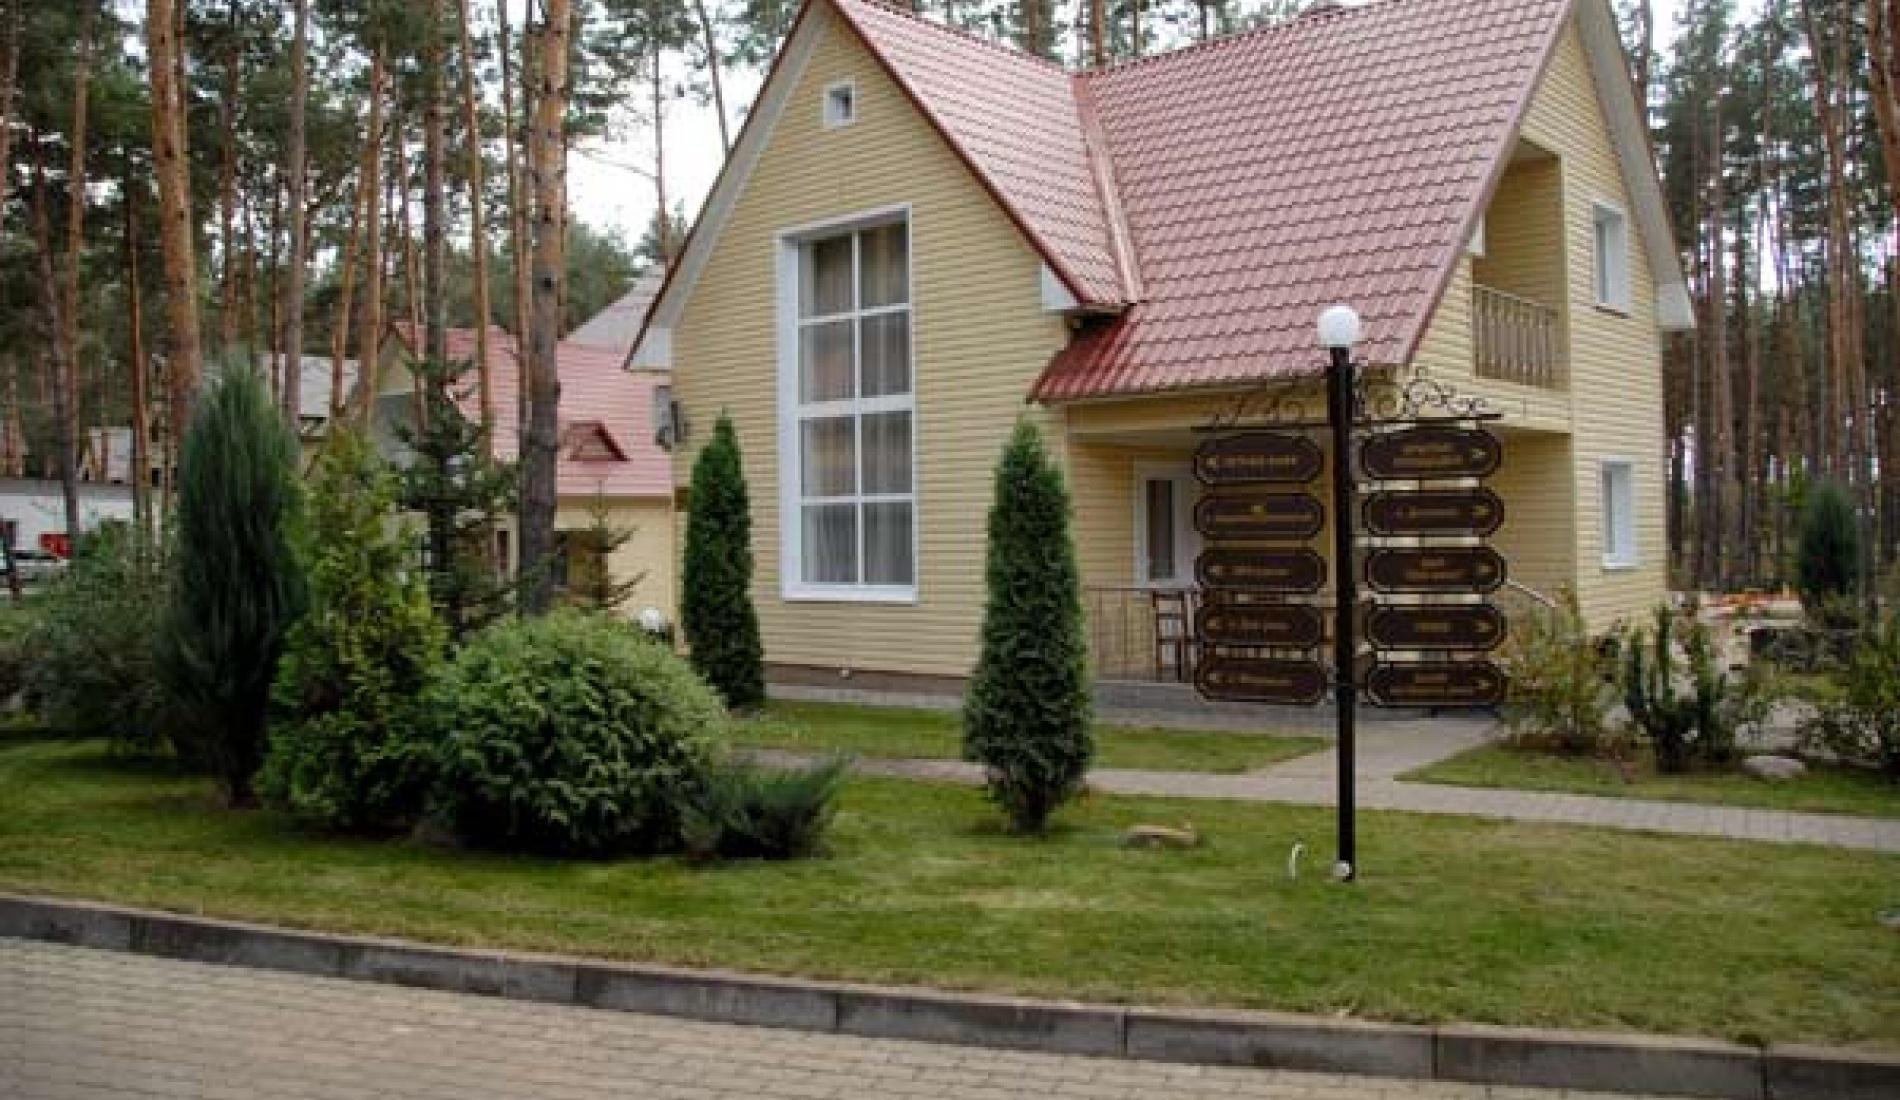 Гостиничный комплекс «Две реки» Белгородская область Коттедж «Нежеголь», фото 1